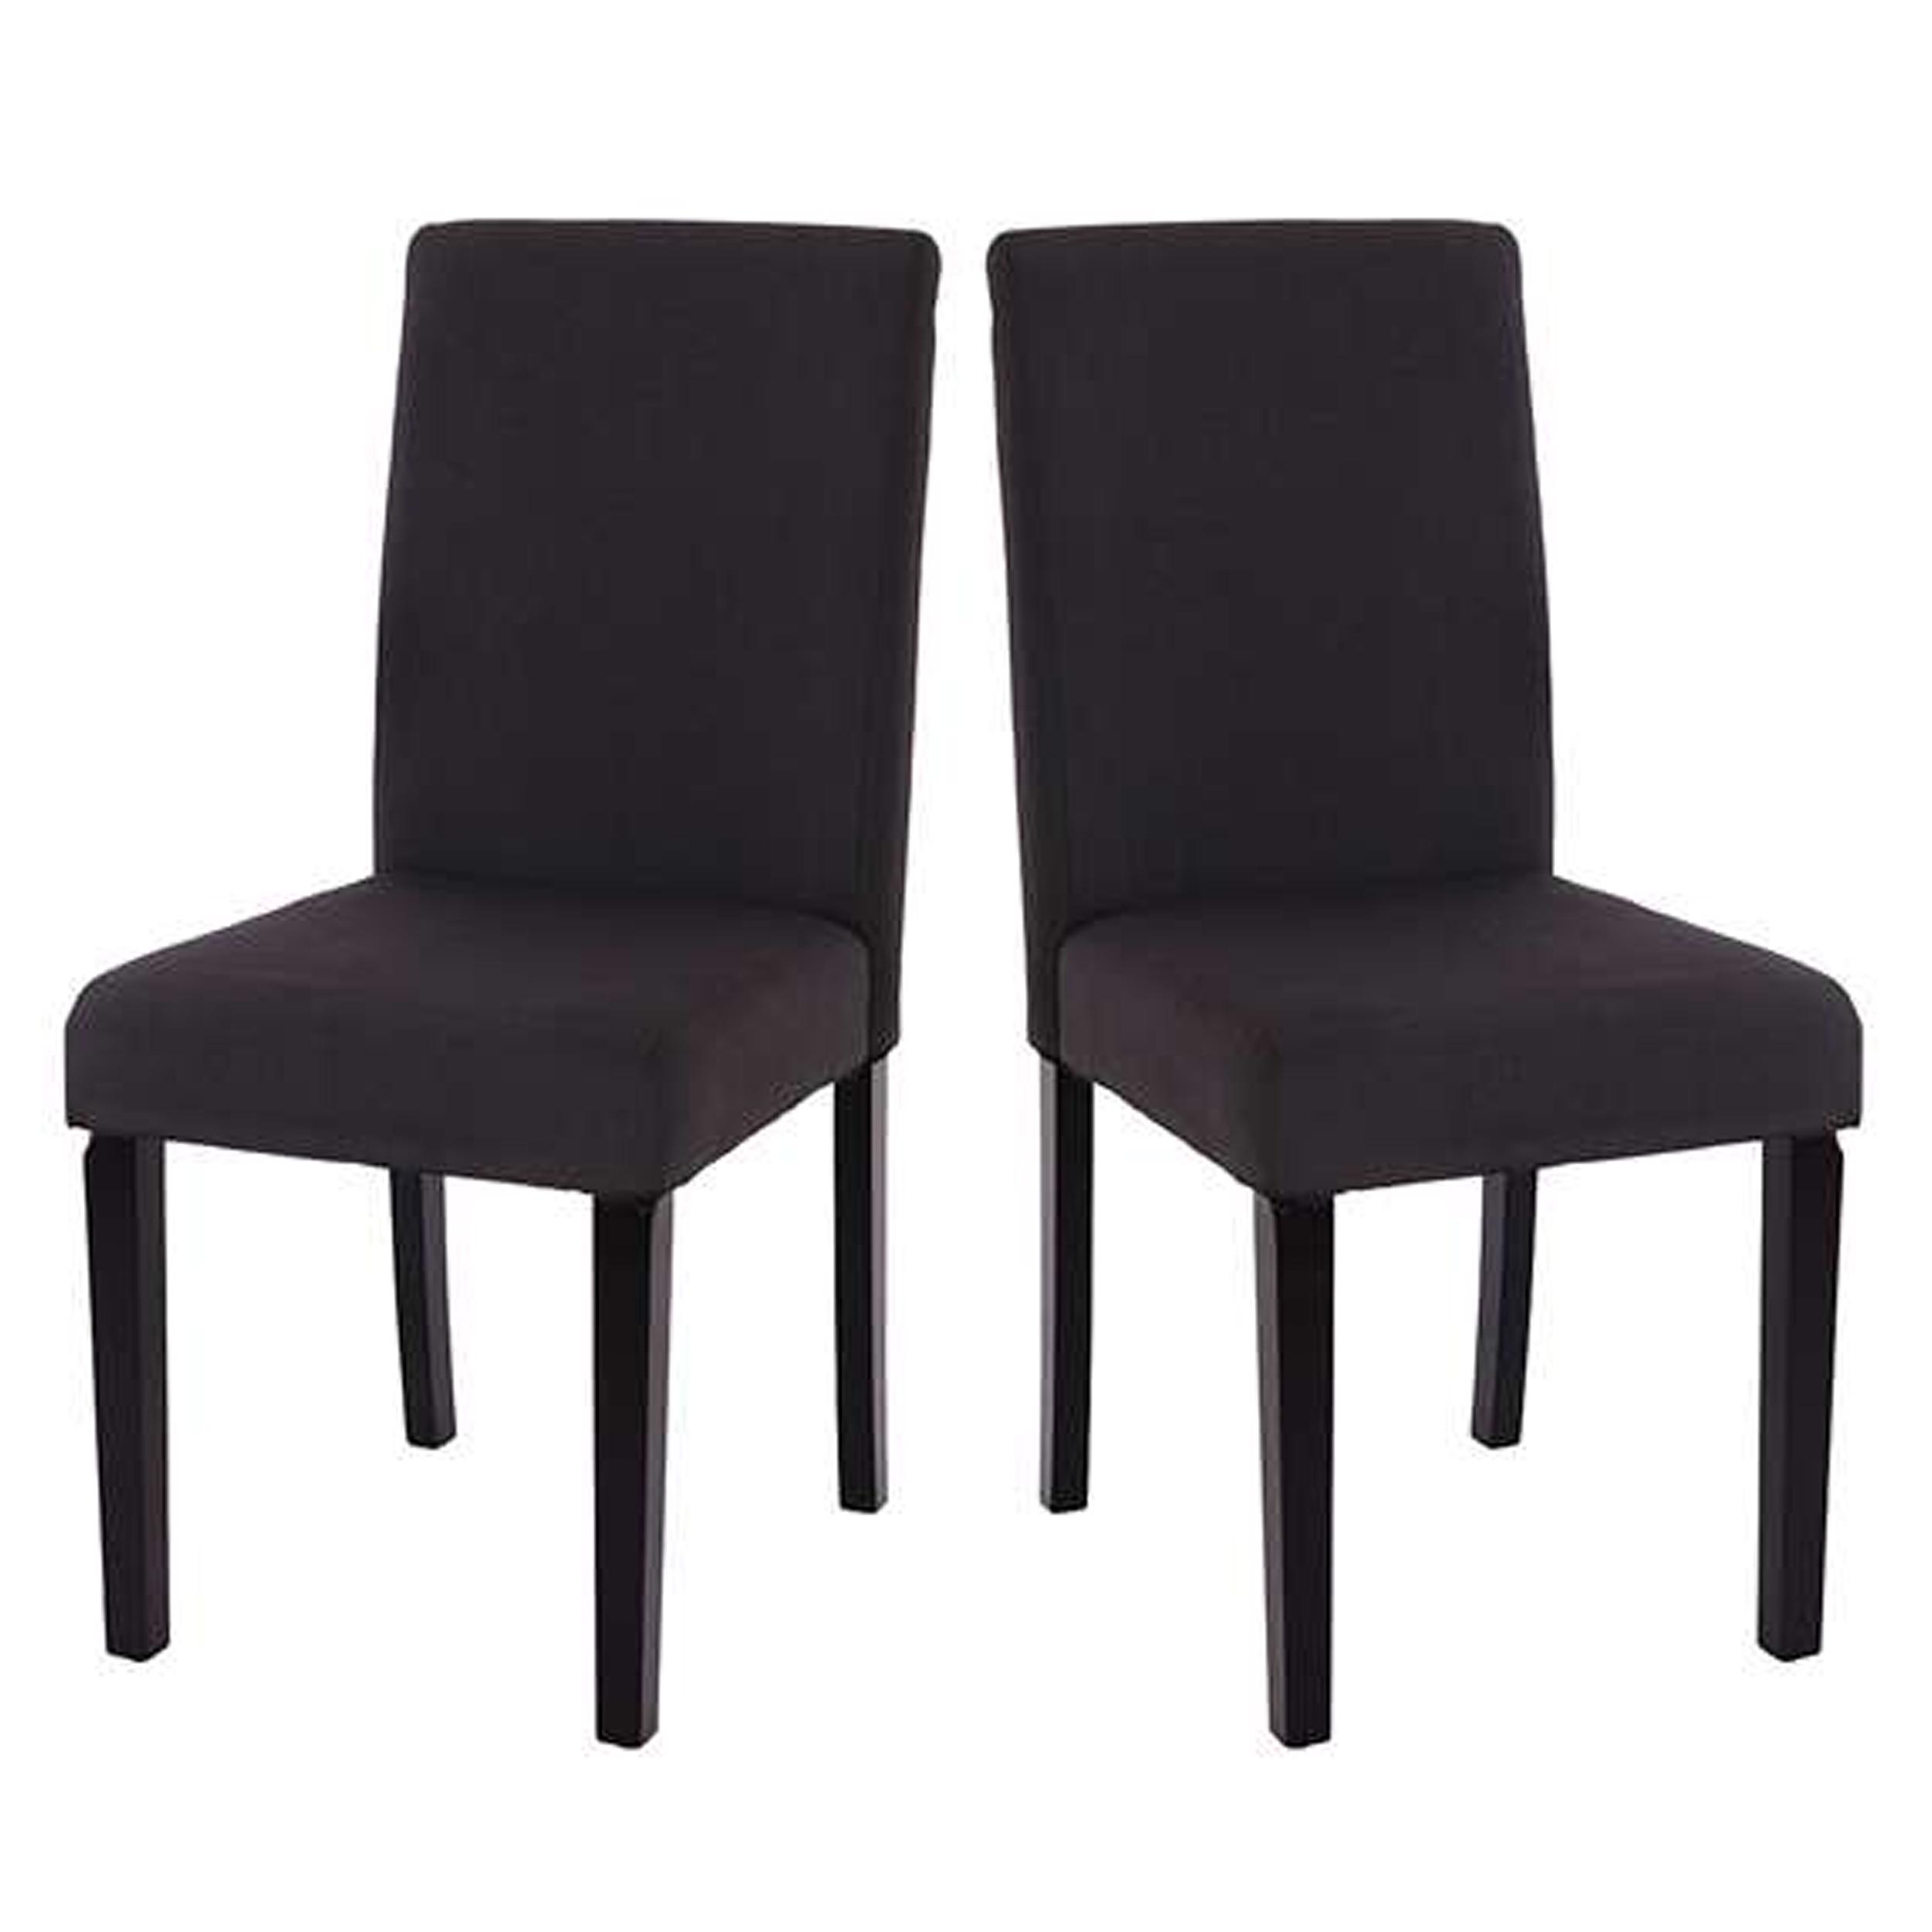 Las mejores sillas tapizadas para el comedor - Homy.es: Homy.es